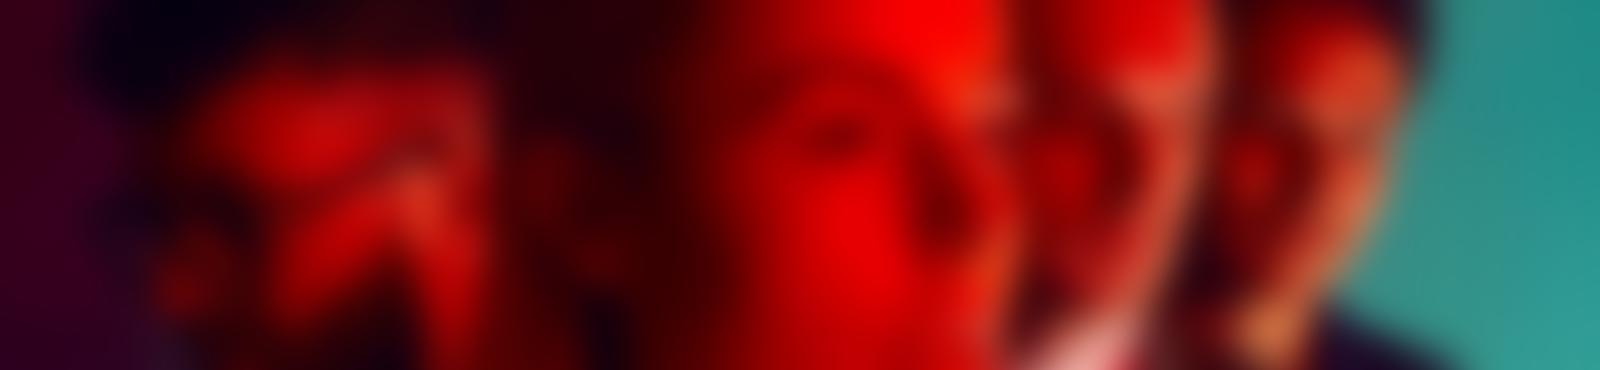 Blurred 4d0f3310 8ffa 4522 aef8 240c627d8c1f